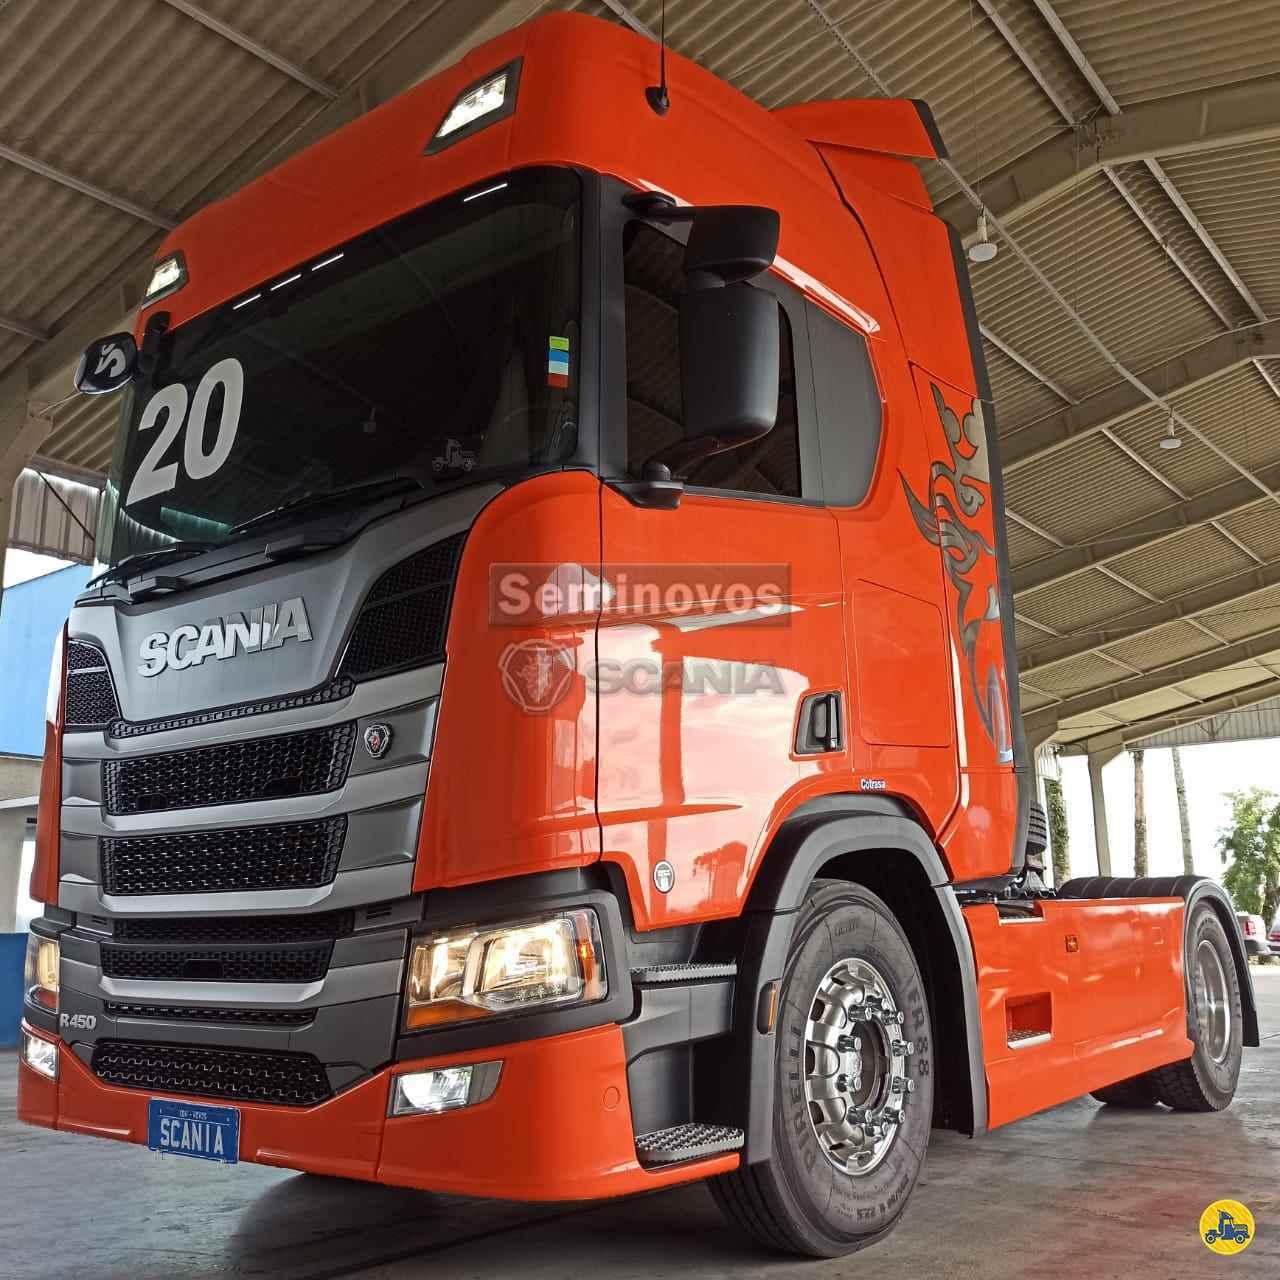 CAMINHAO SCANIA SCANIA 450 Cavalo Mecânico Toco 4x2 Scania Seminovos SAO JOSE DOS PINHAIS PARANÁ PR